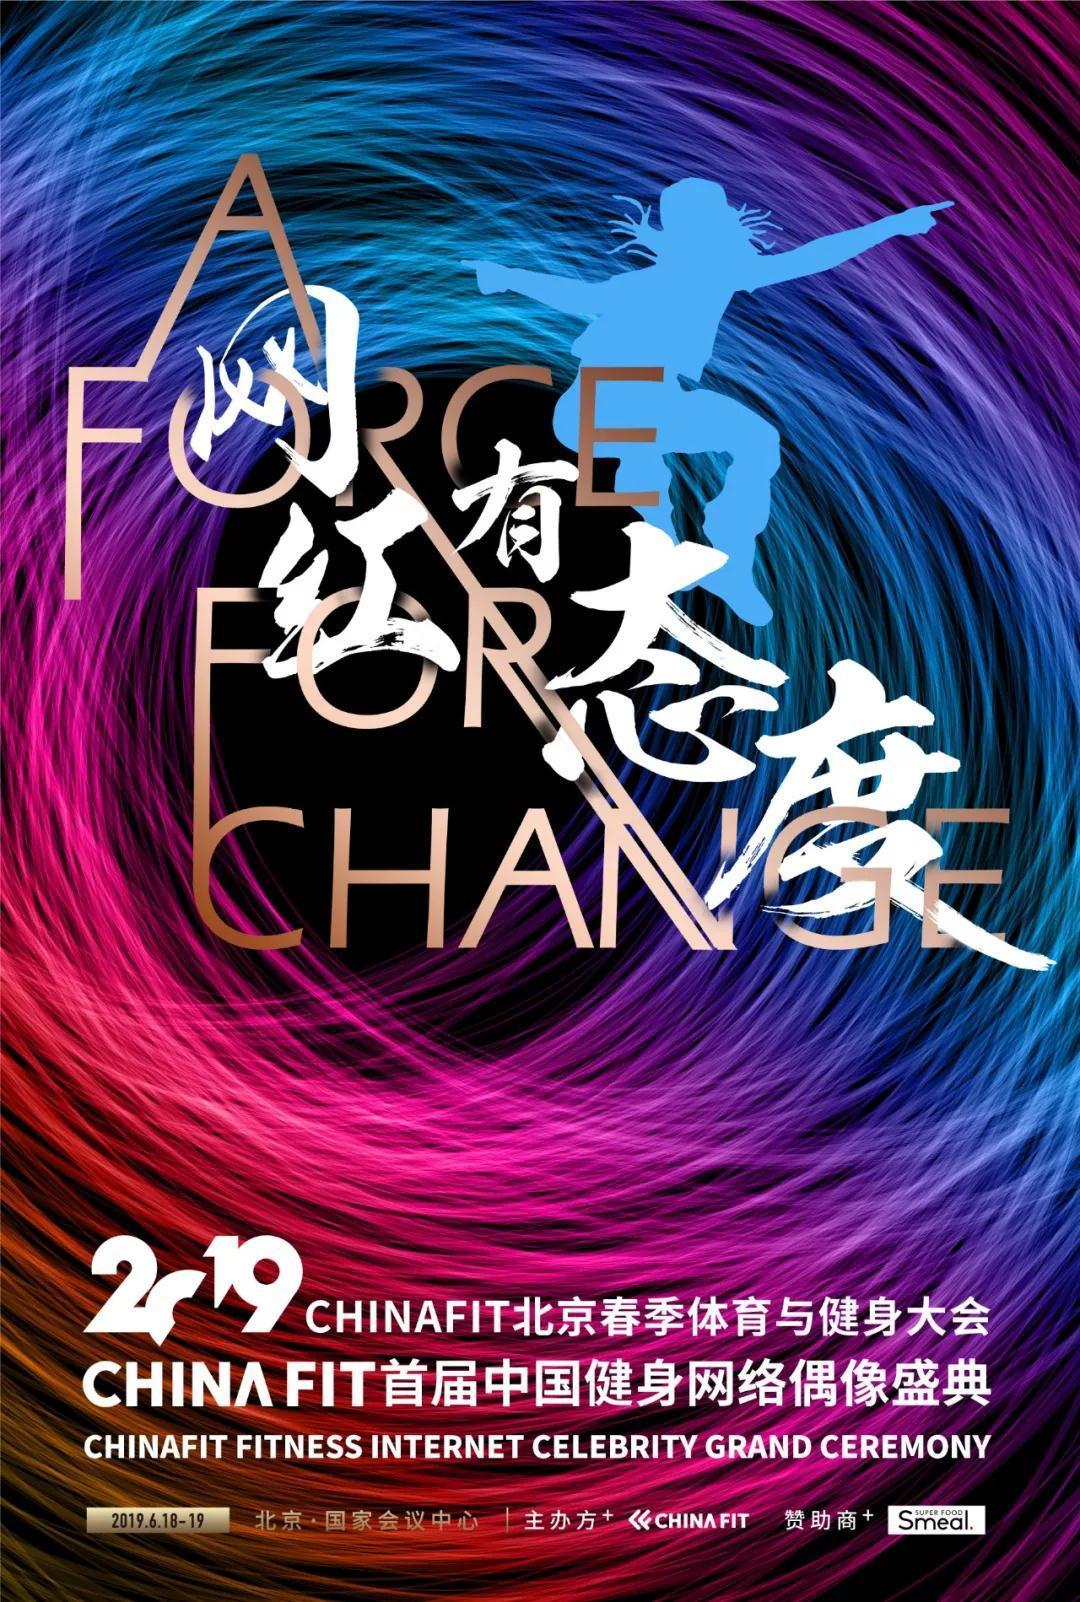 CF北京春季大会网红盛典|千万人的健身偶像在此集结